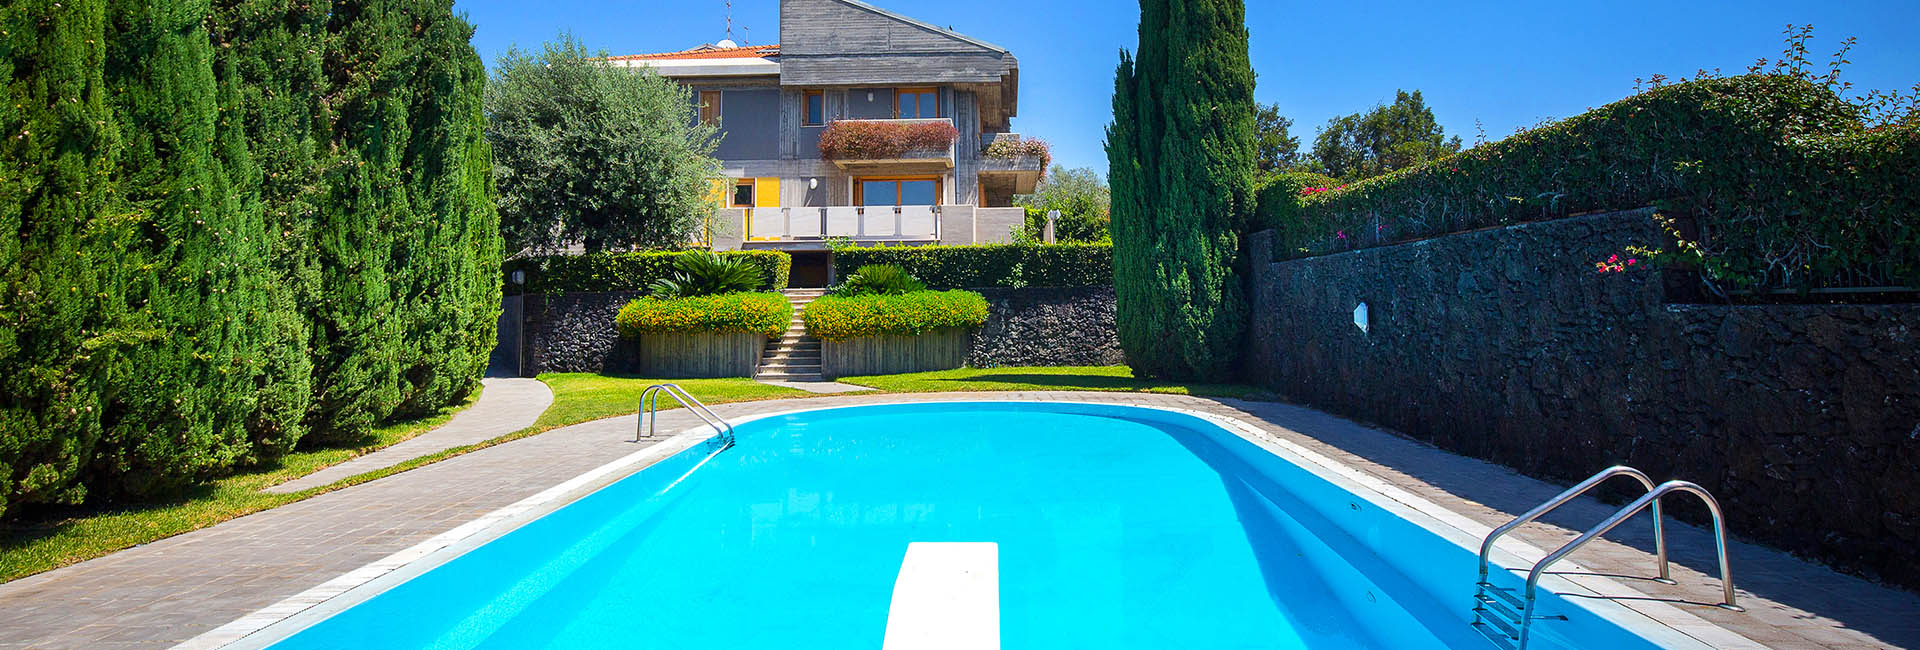 Esclusiva villa su pi piani con piscina in vendita a s for Piani di cabina di tronchi di 2 camere da letto